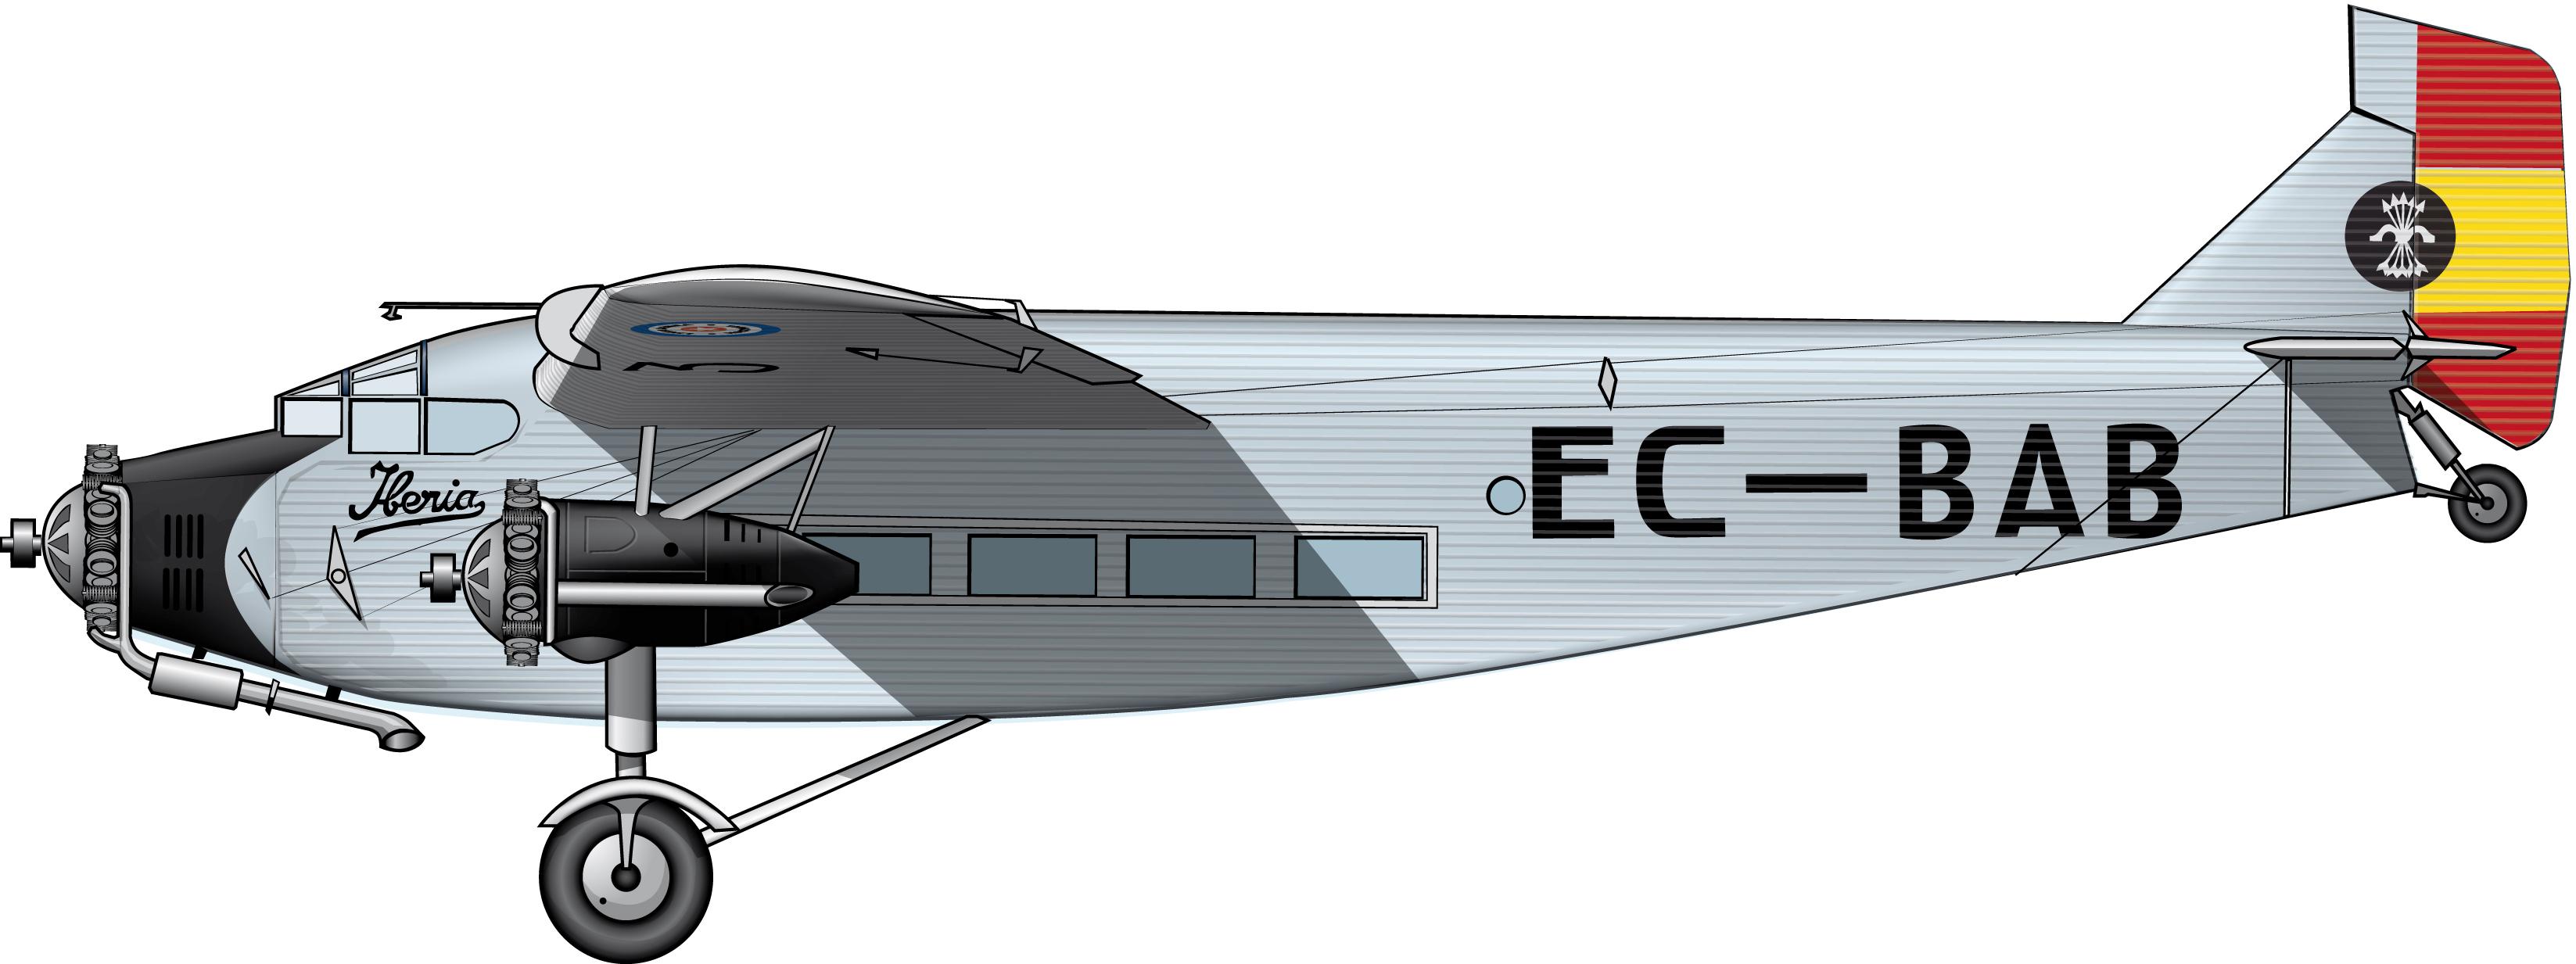 fordtrimotoriberia1942